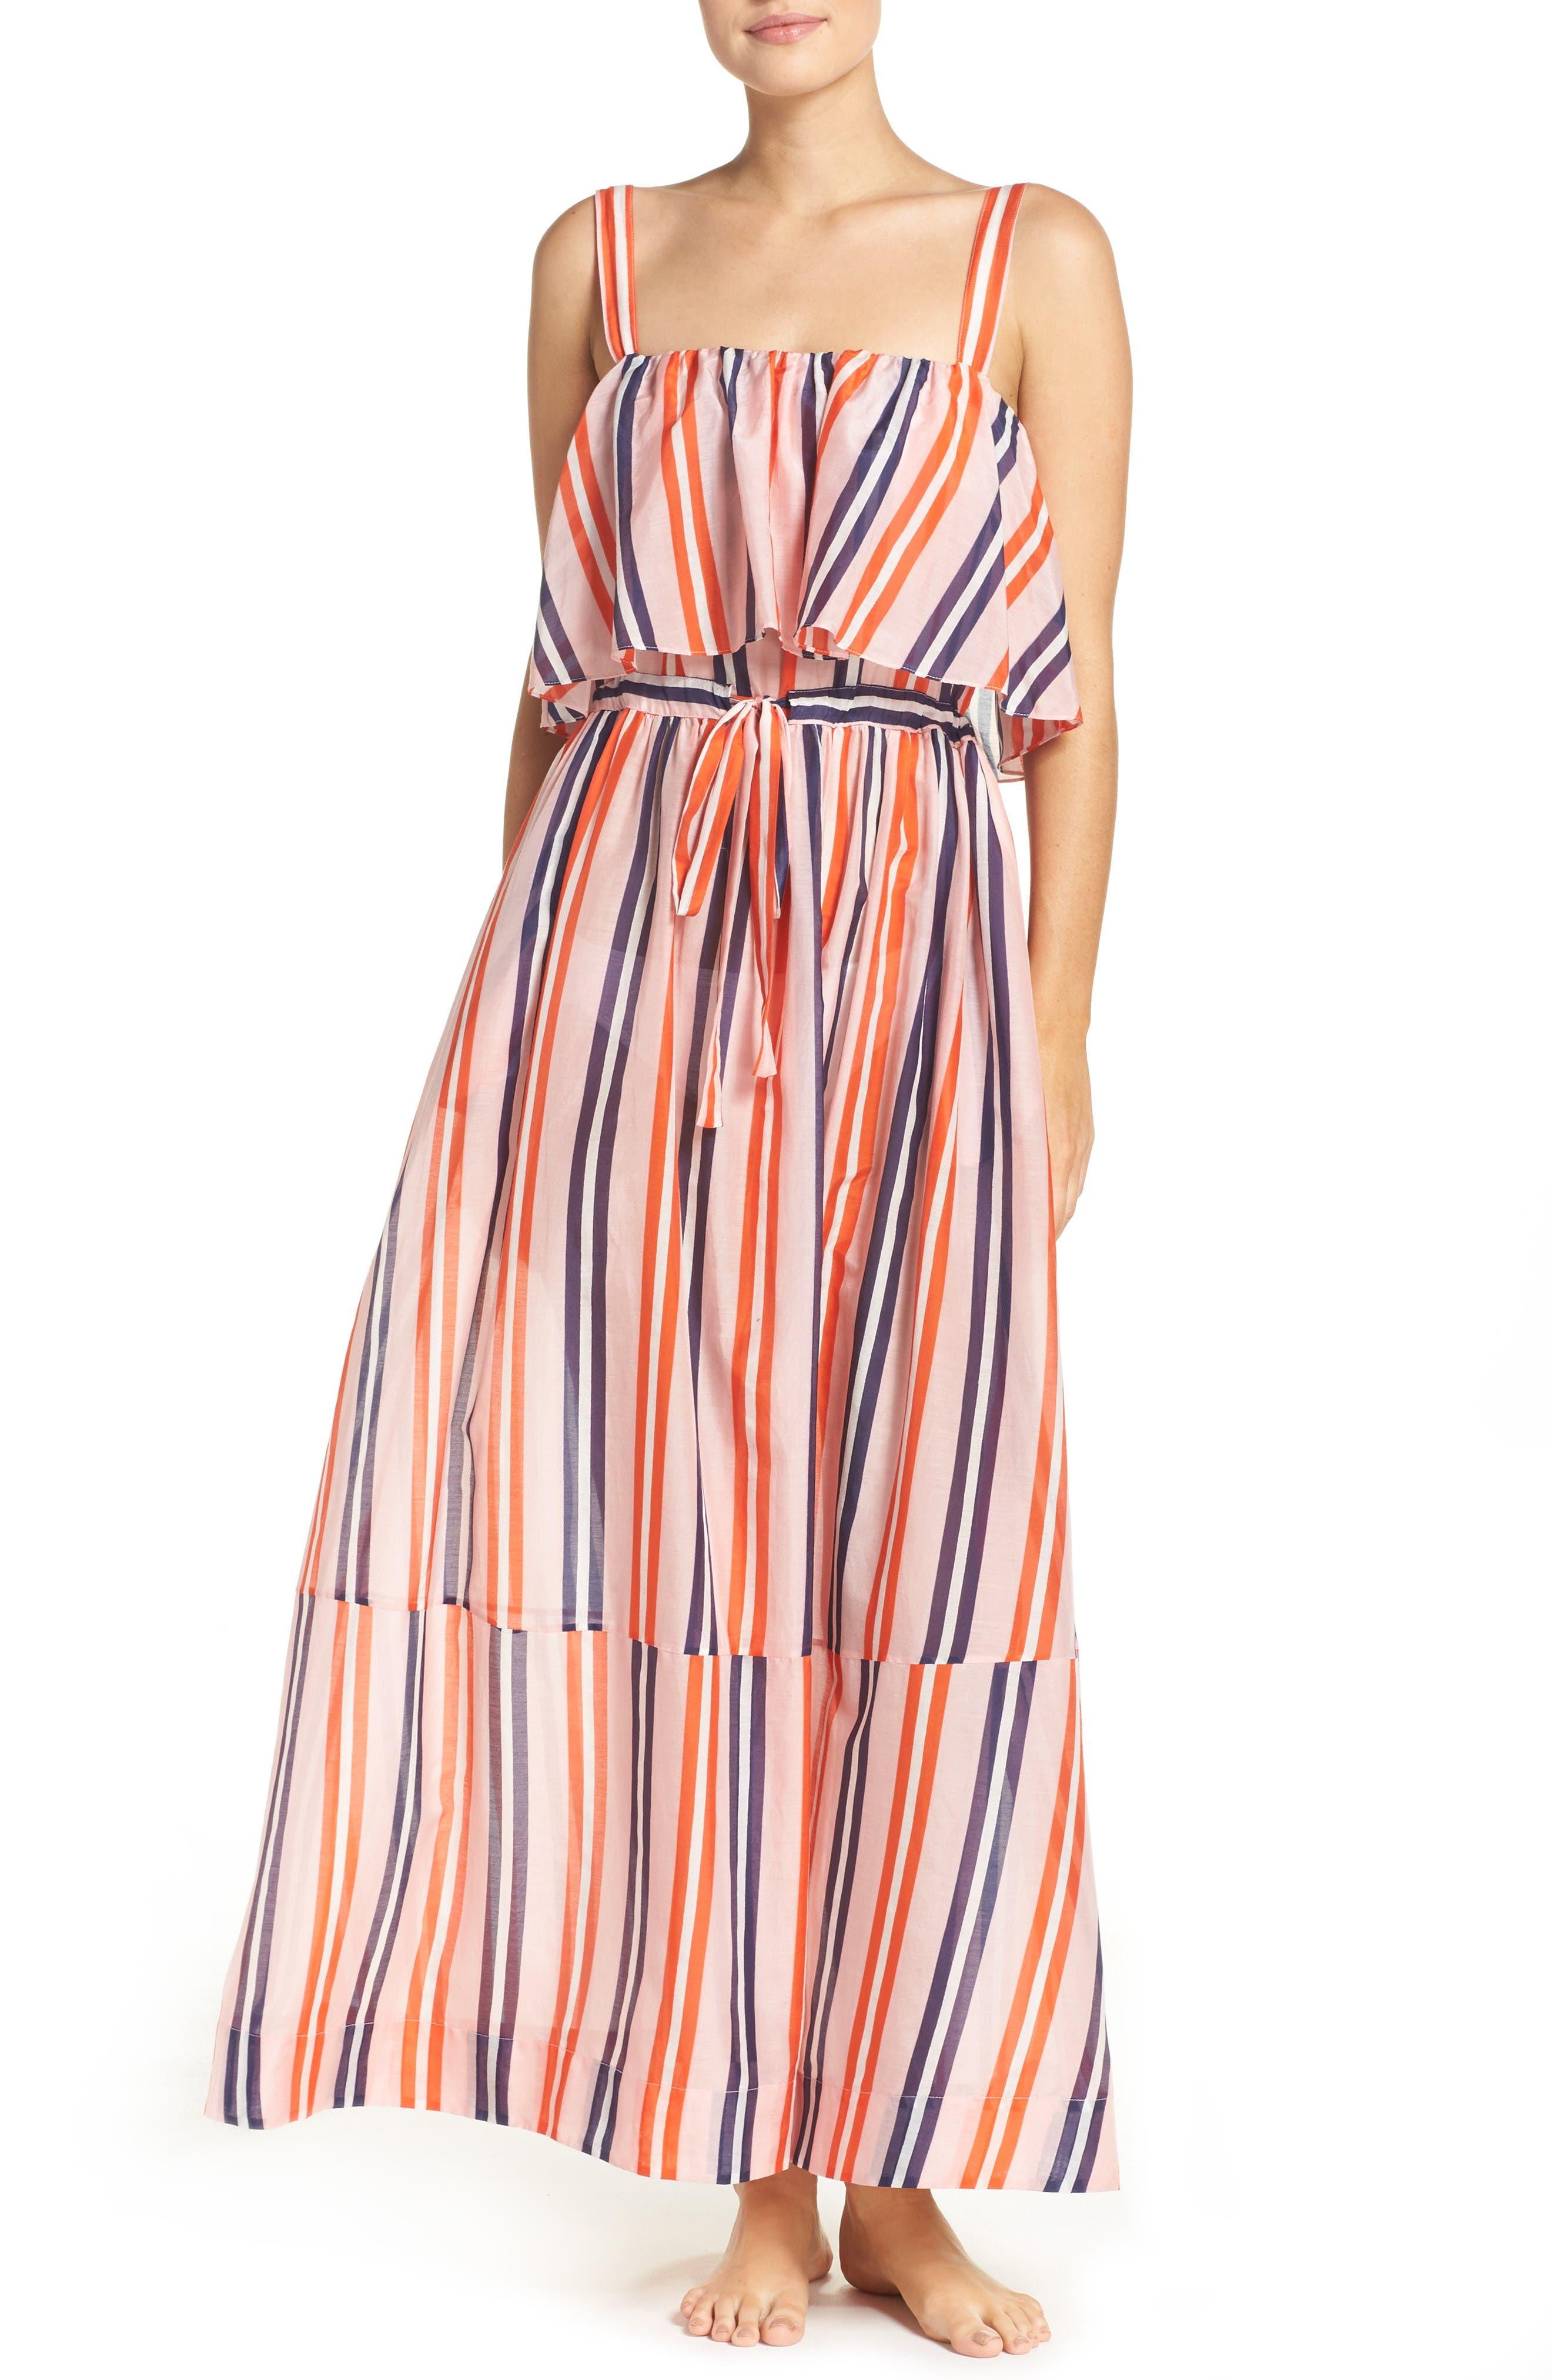 Diane von Furstenberg Popover Cover-Up Dress